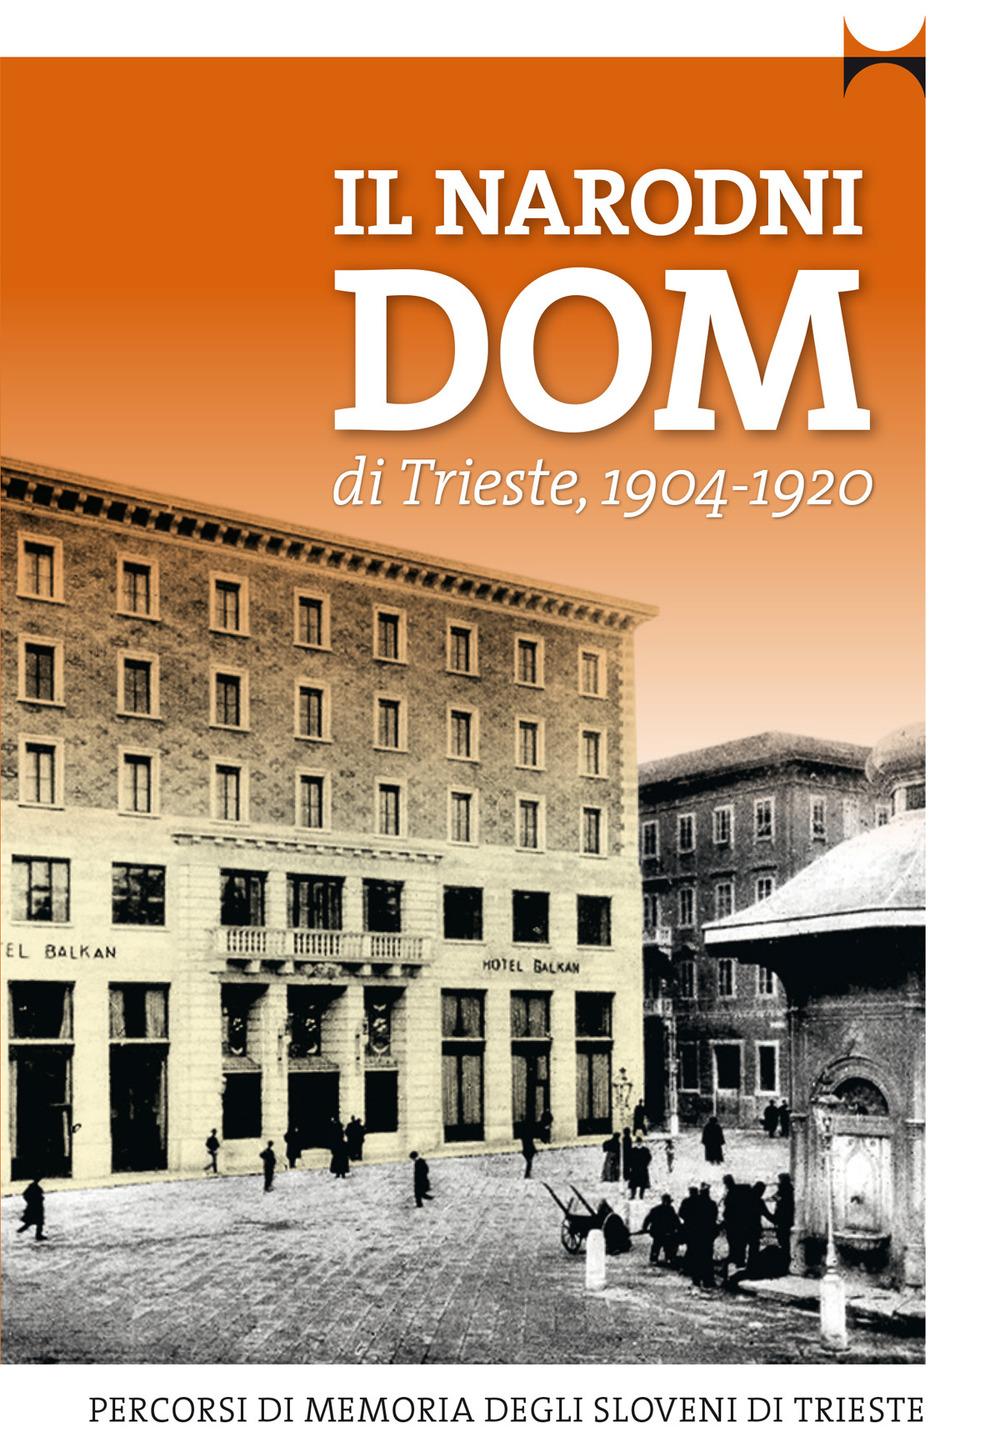 Il Narodni Dom di Trieste (1904-1920)